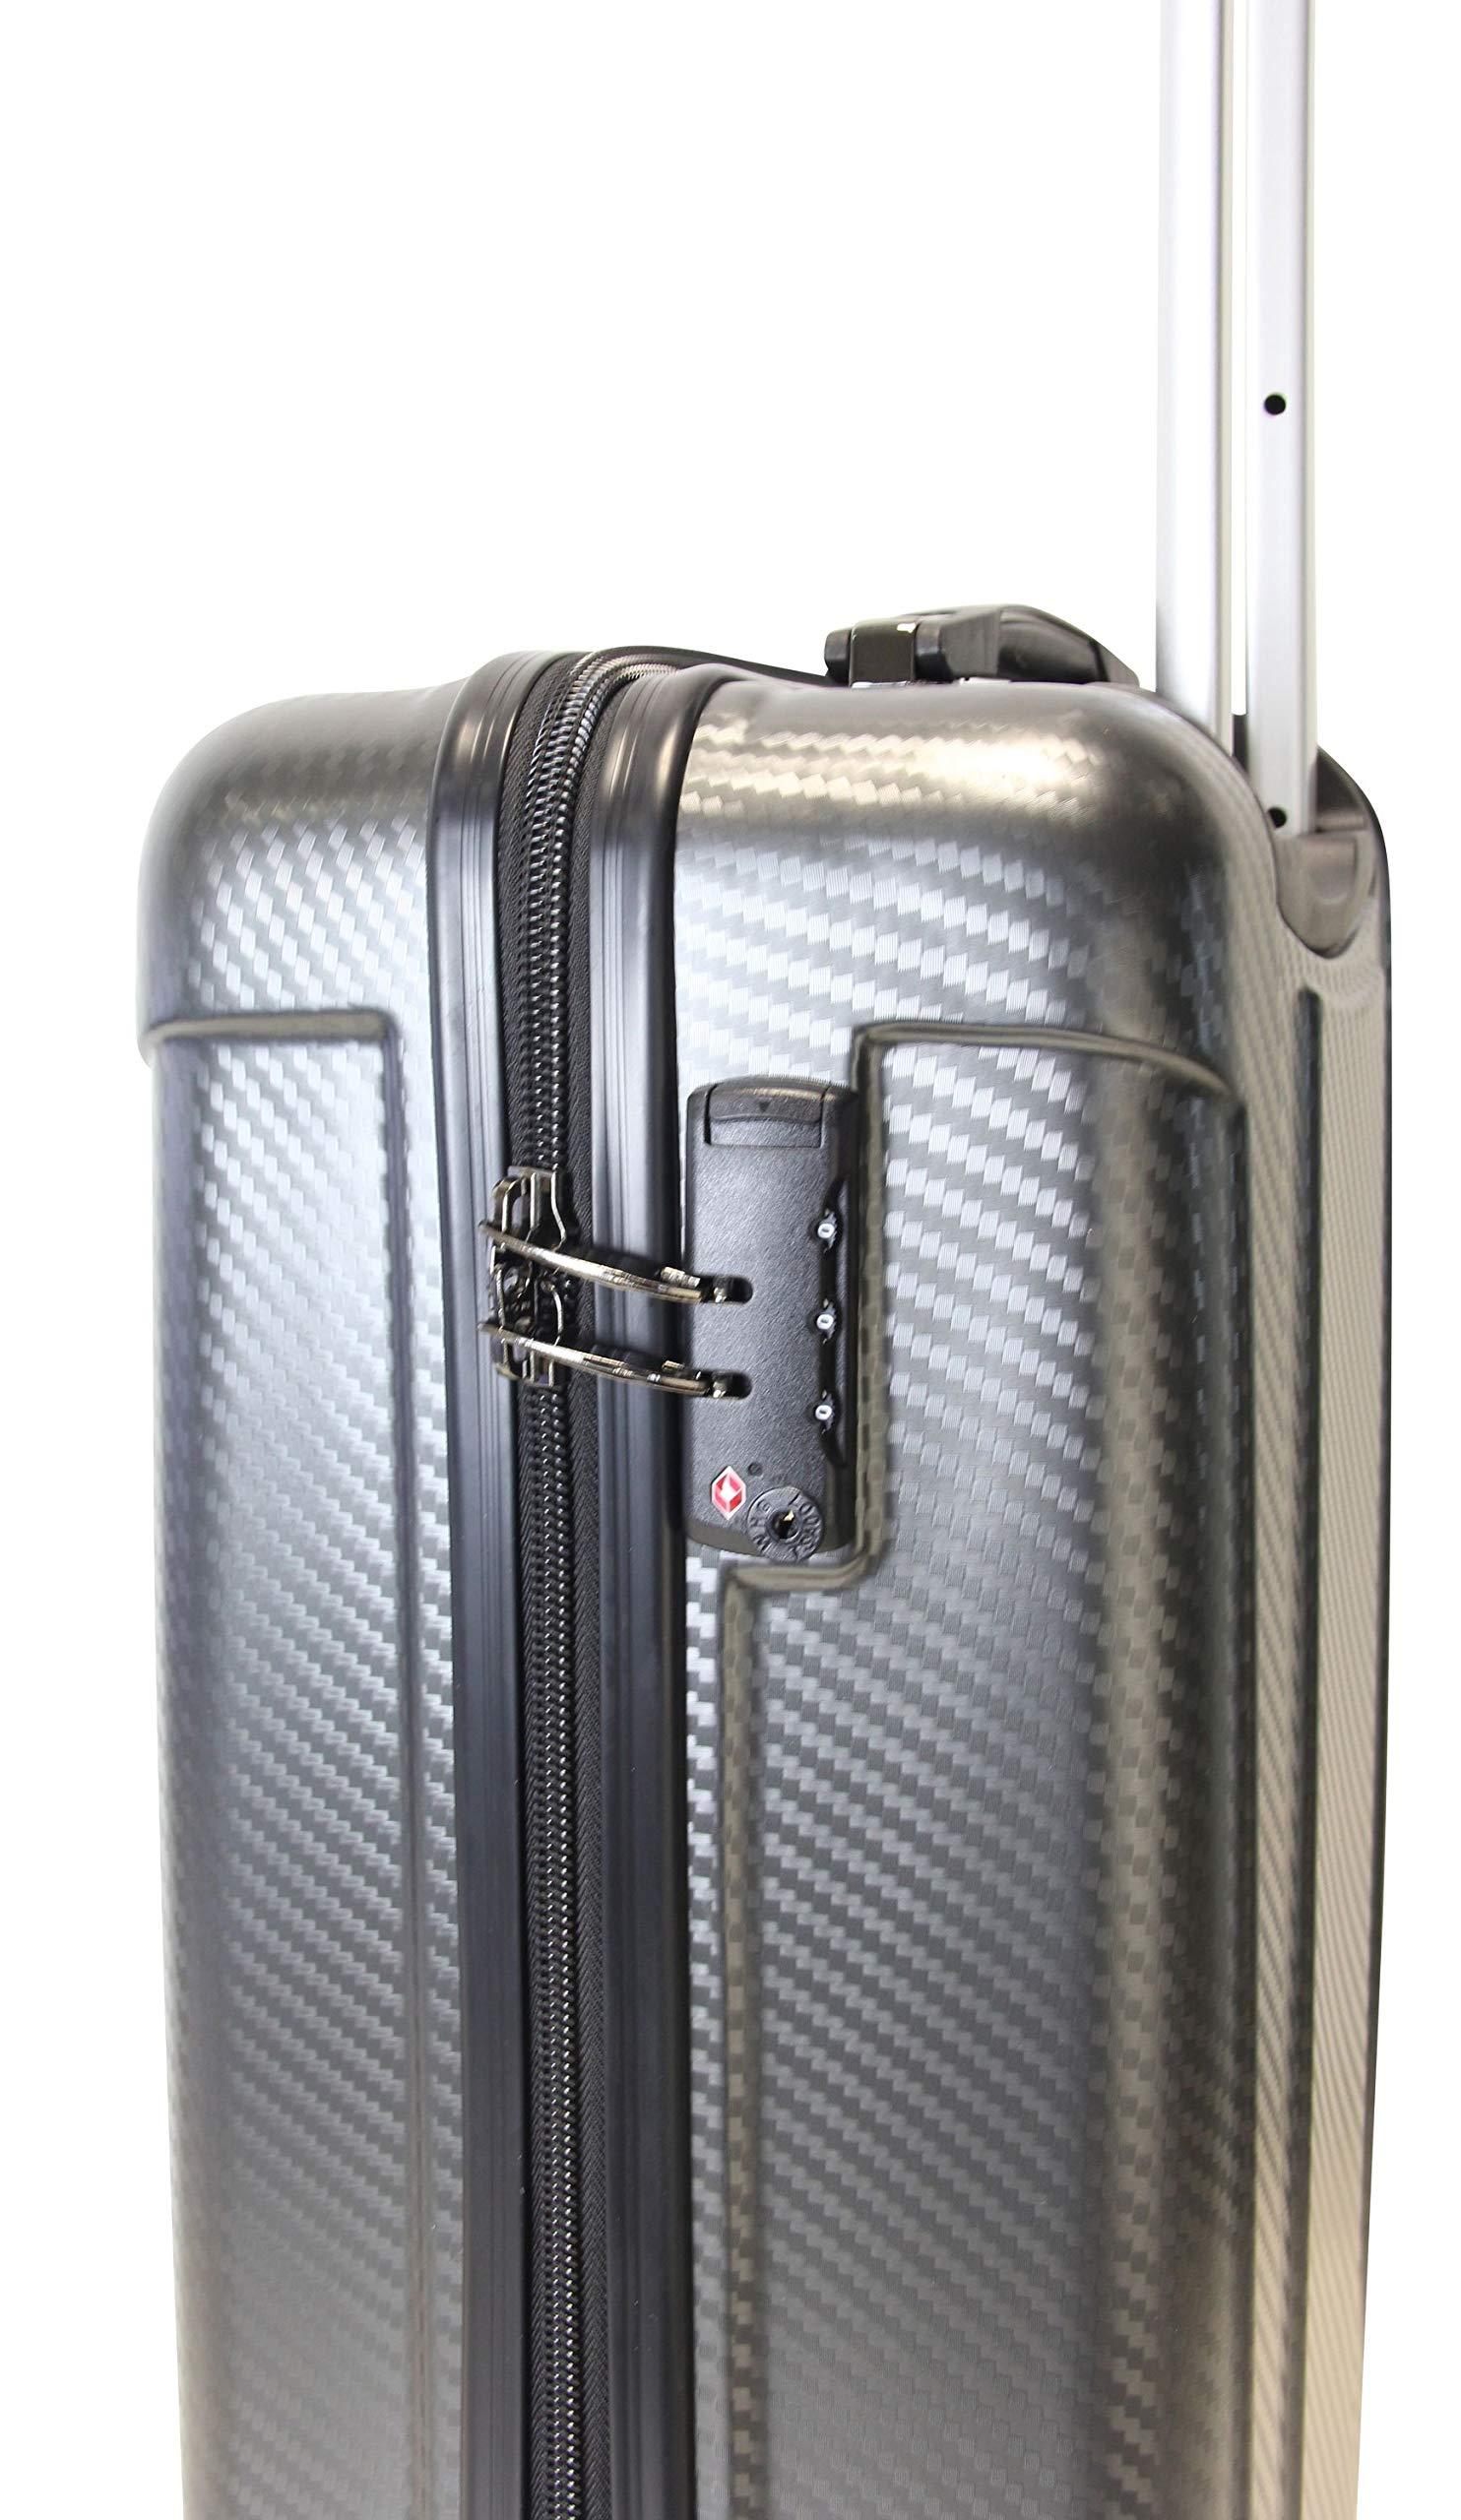 Frentree-Handgepck-Hartschalen-Koffer-Trolley-Koffer-aus-hochwertiger-Polykarbonat-Reisekoffer-mit-TSA-in-M-L-XL-Set